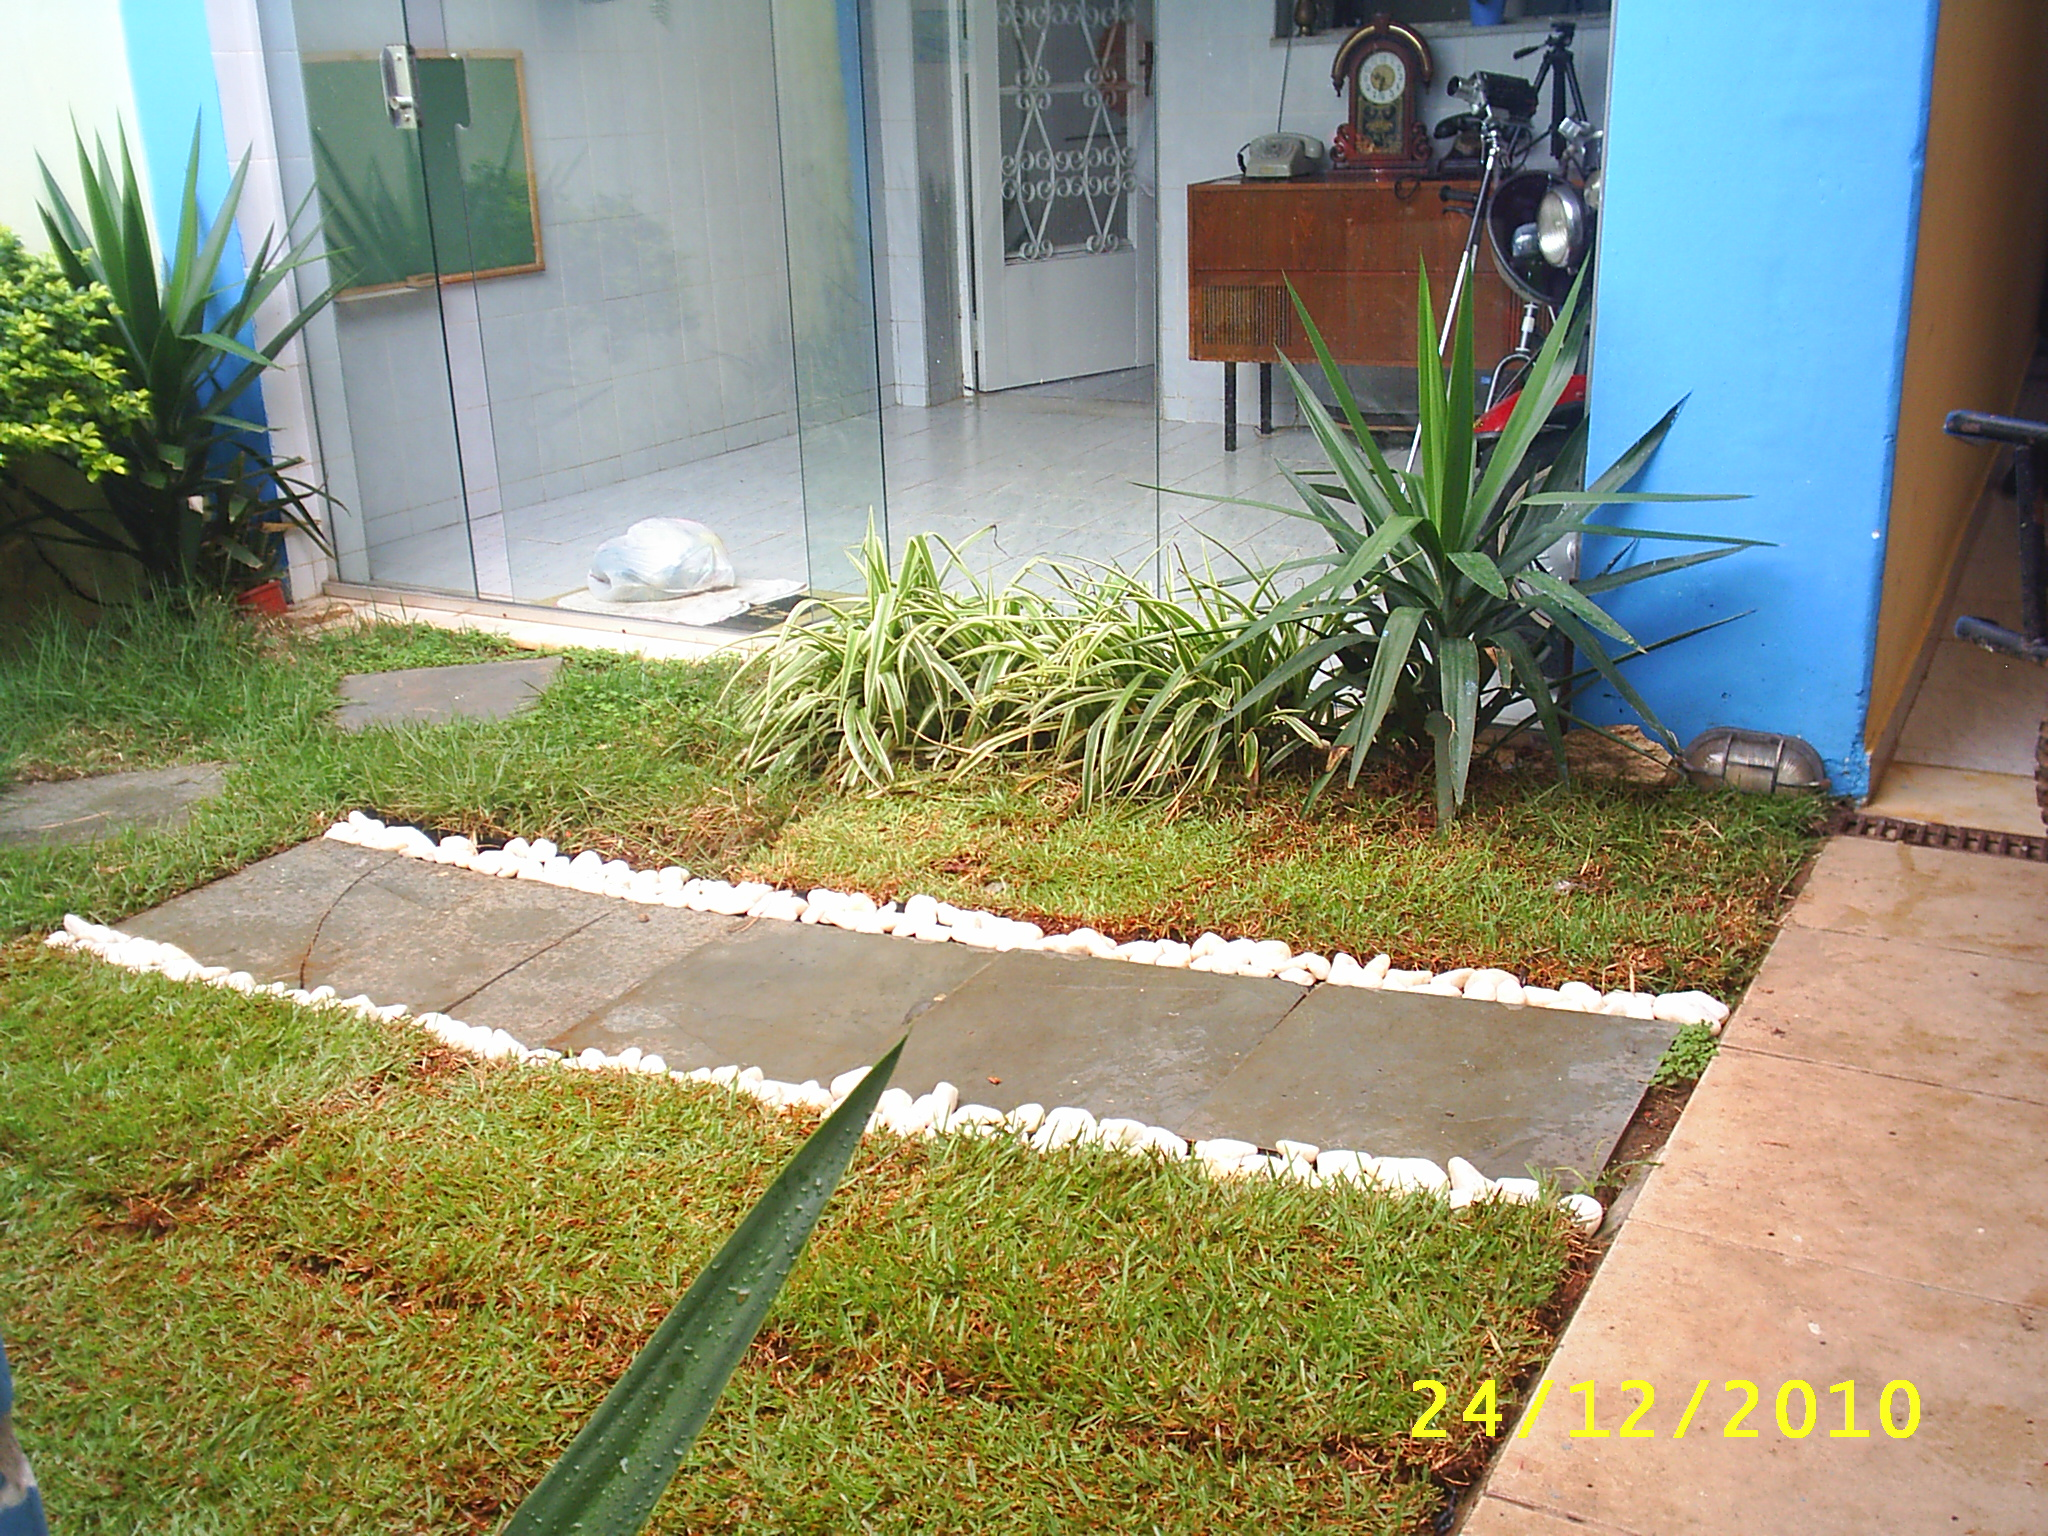 Imagens de #2279A9 Imobiliária em Mogi das Cruzes Komura Imóveis 2048x1536 px 3310 Box Acrilico Banheiro Mogi Das Cruzes